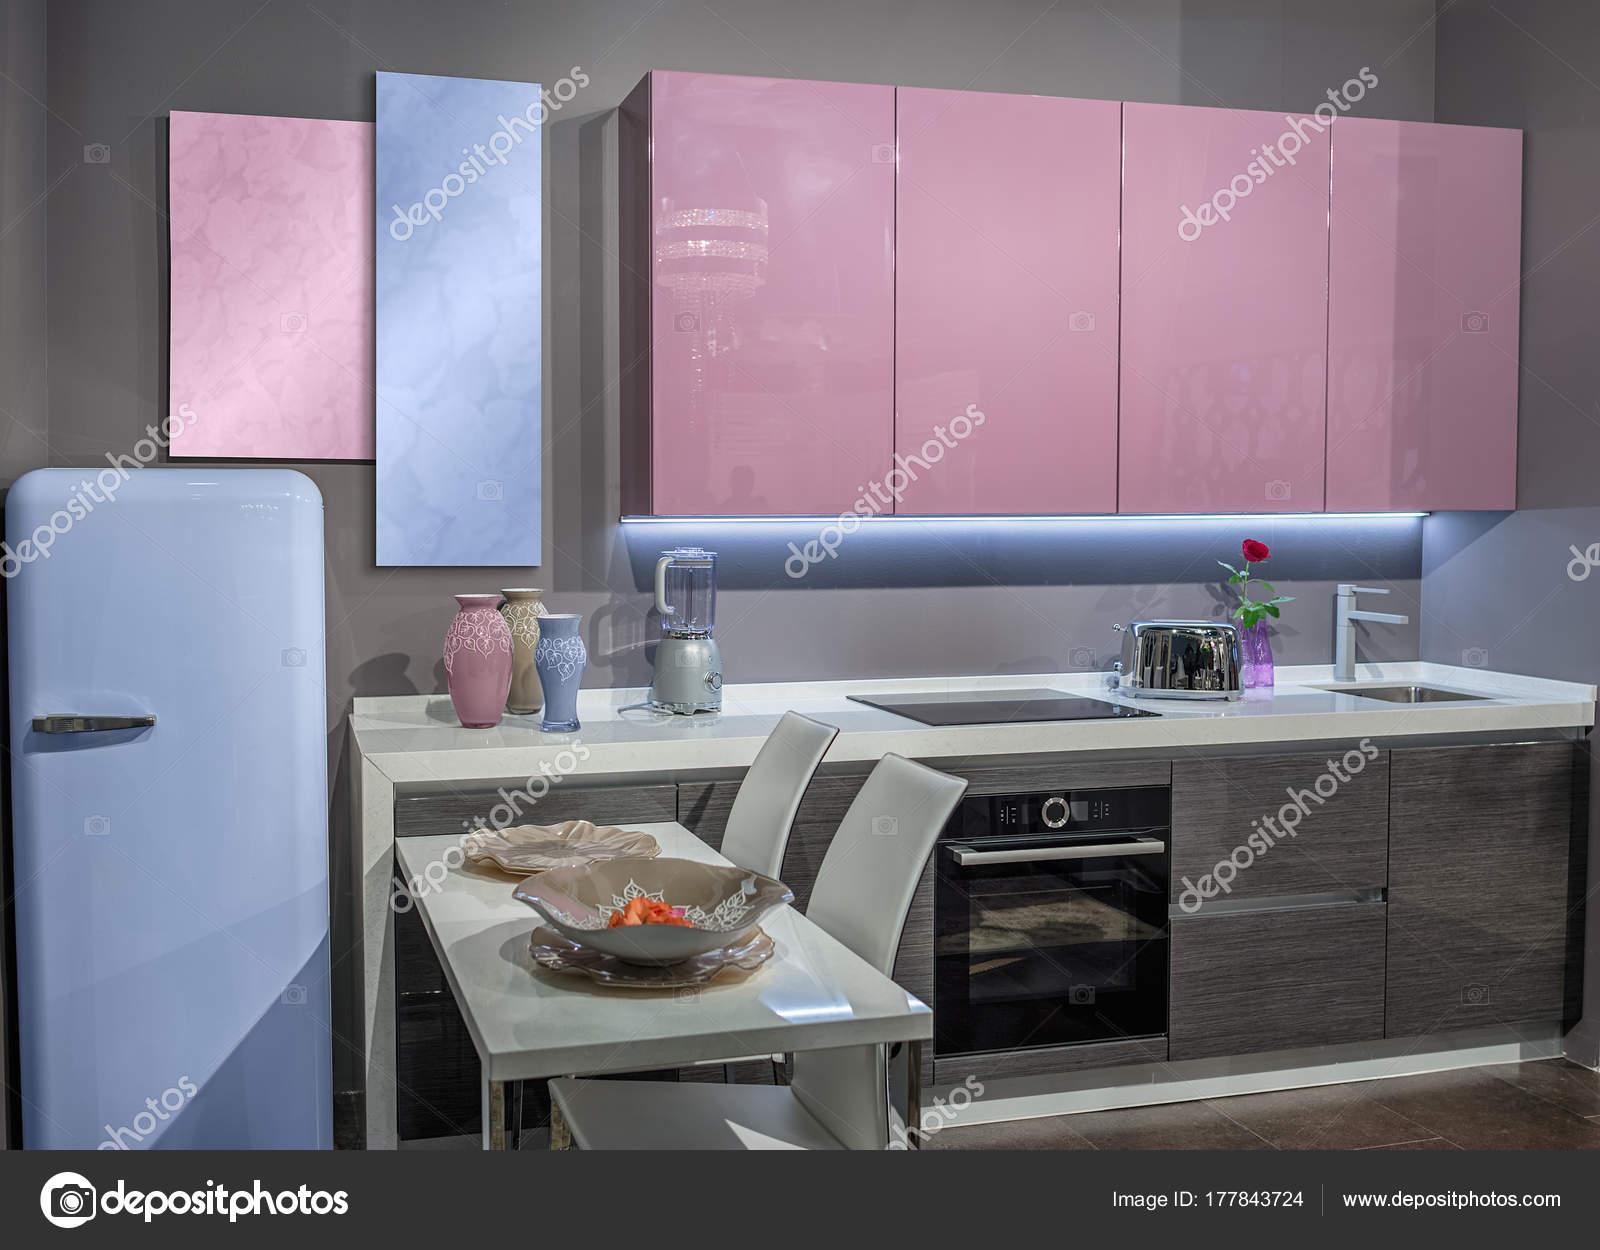 Ordinaire Modern, Komfortabel, Küche Mit Einer Rosa Farbe Von Den Oberen Regalen Und  Einem Leichten